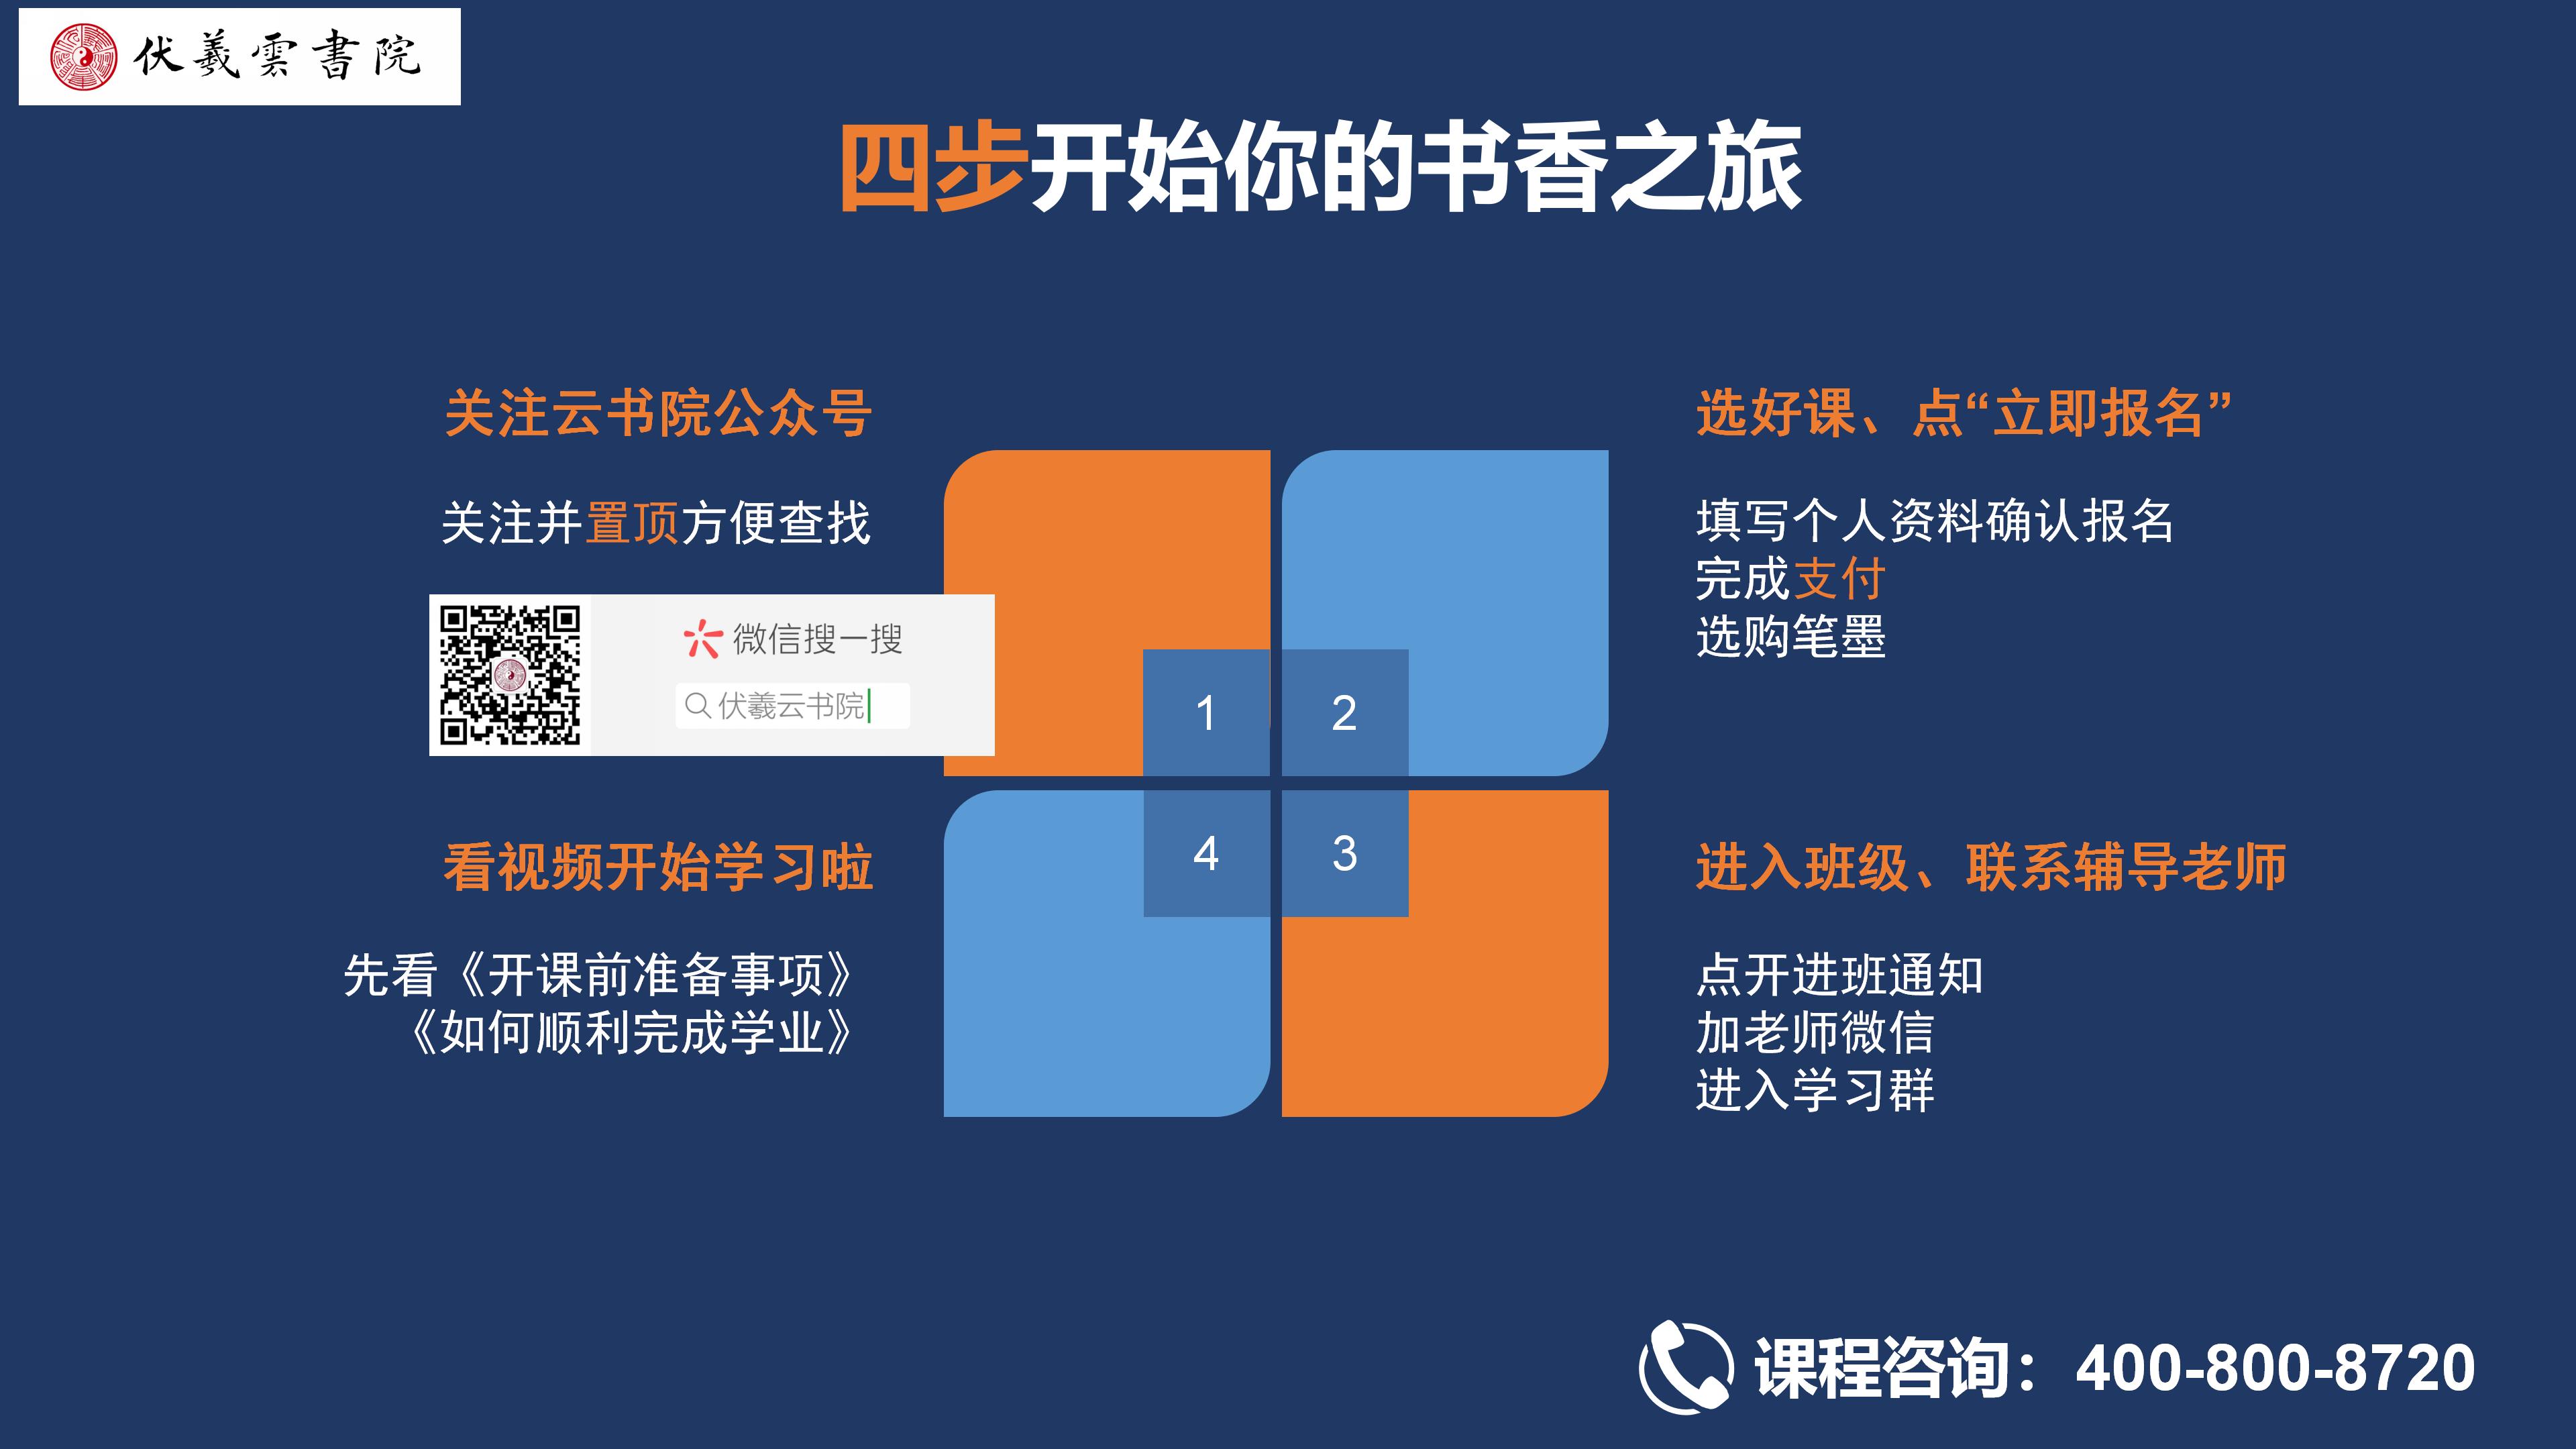 课程报名流程图_01.png